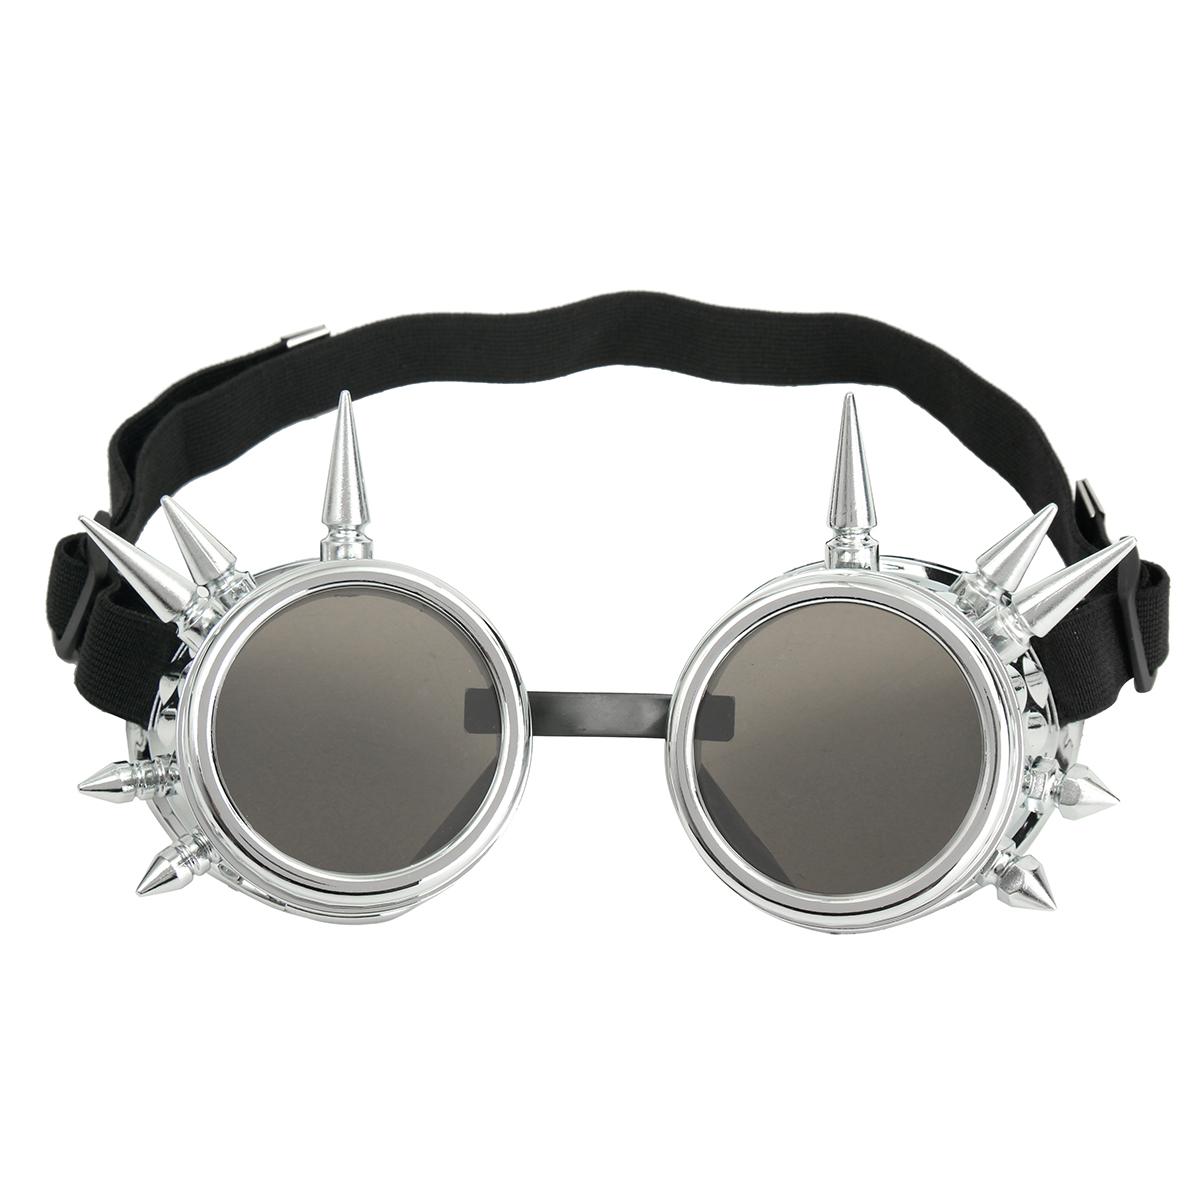 Модные серебряные очки для стимпанкских костюмов Spikey Burning Man Костюм Cosplay Gothic Punk